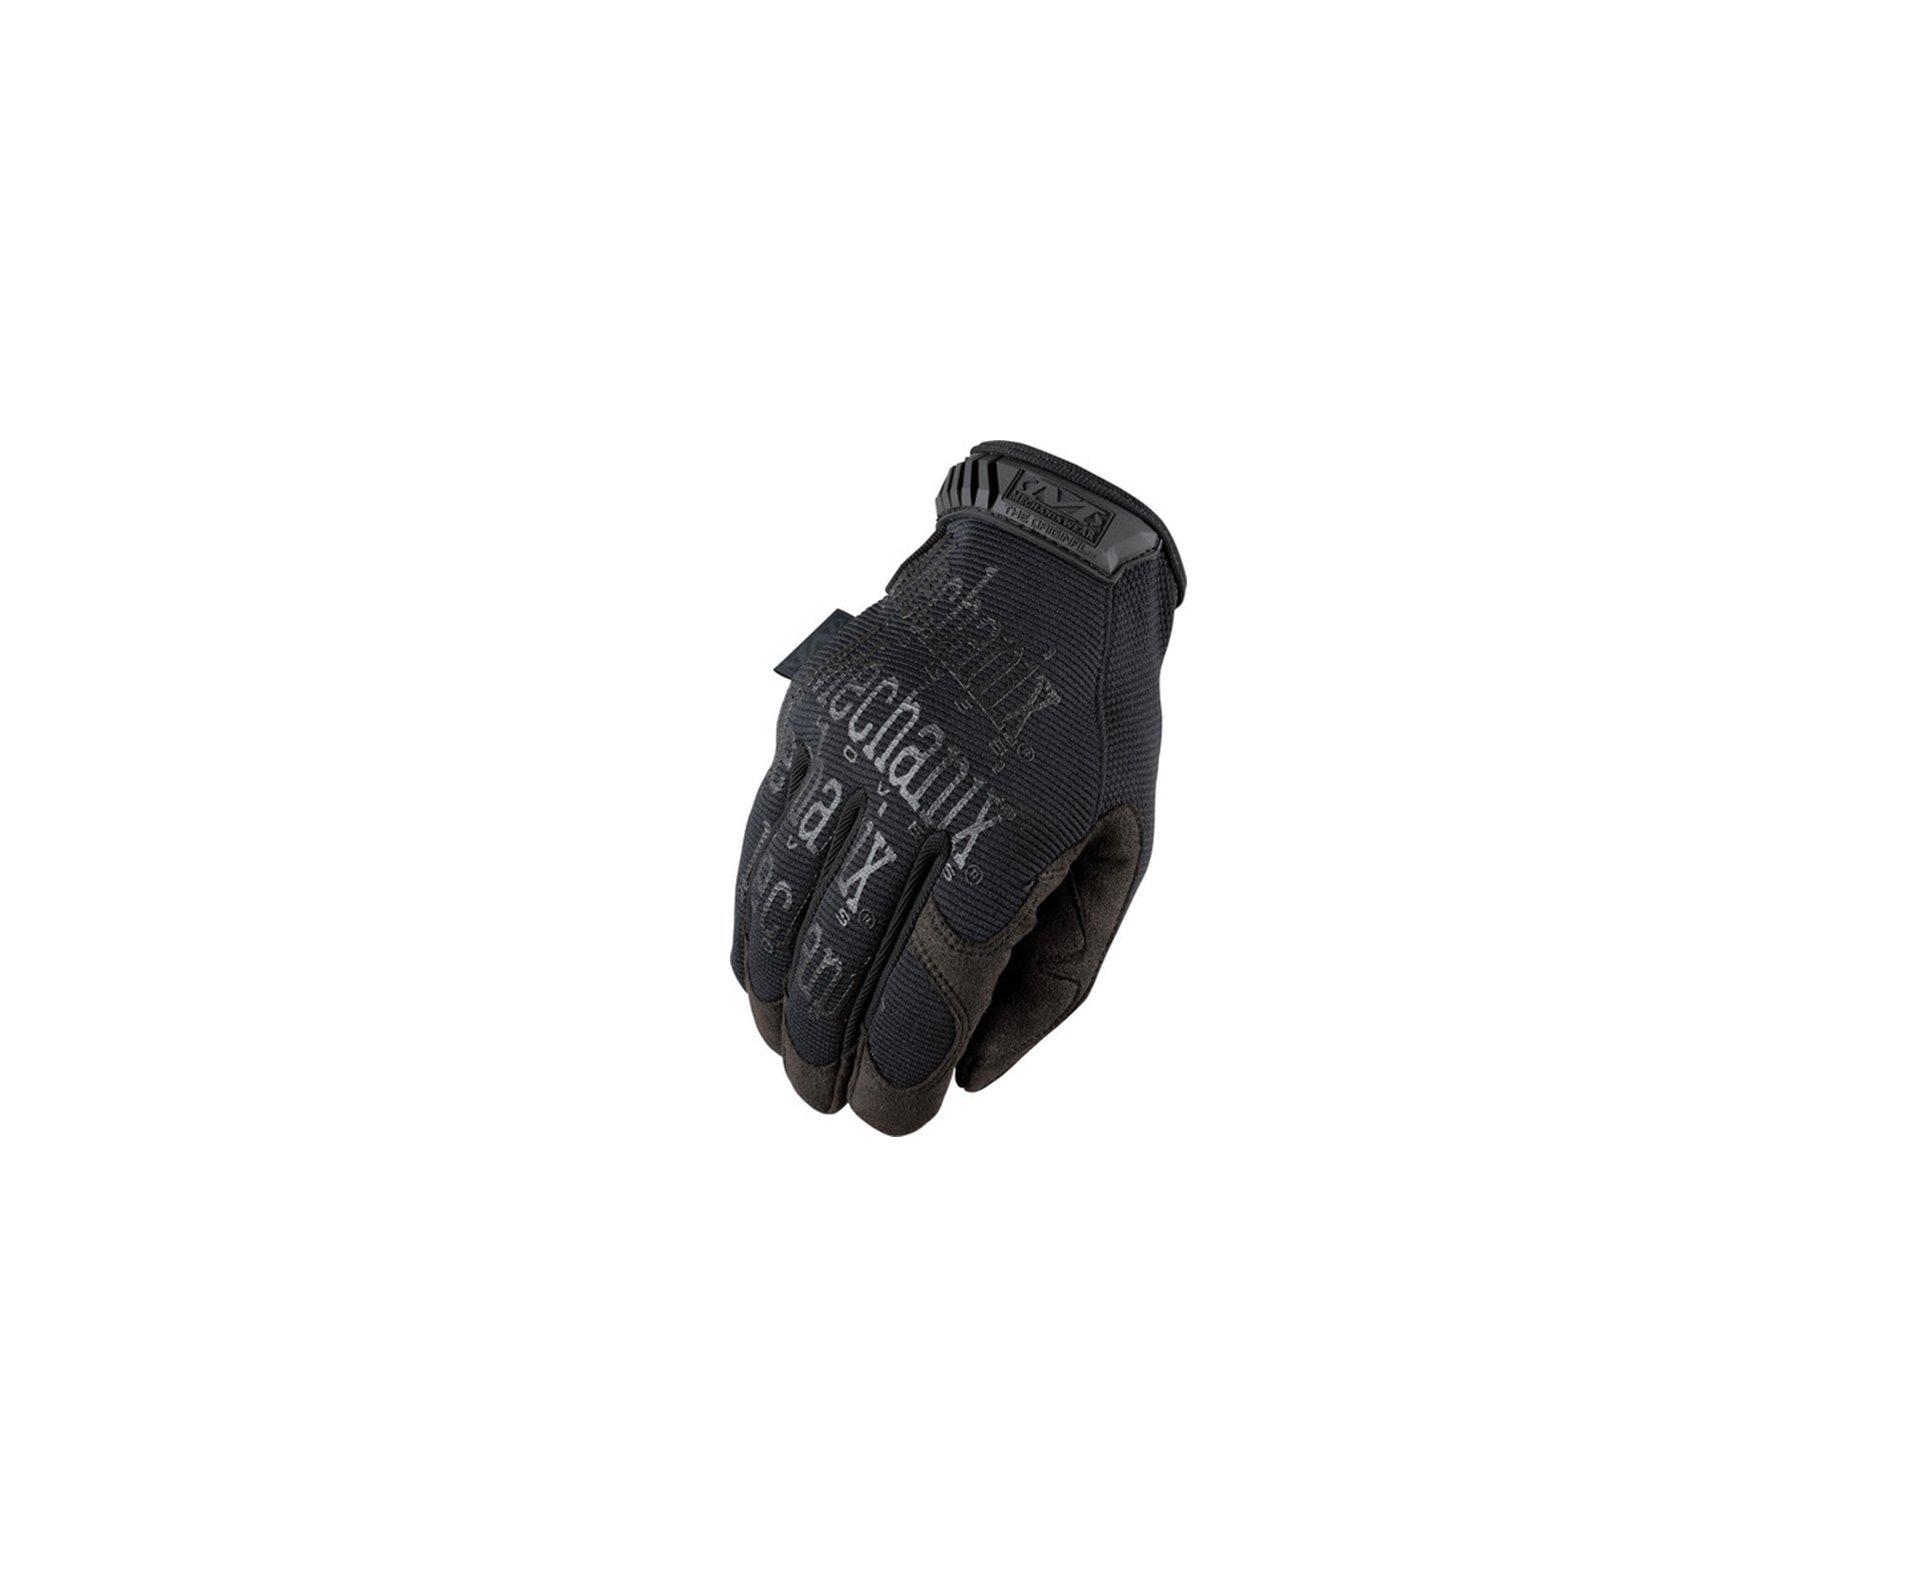 Luva Mechanicx Glove - M